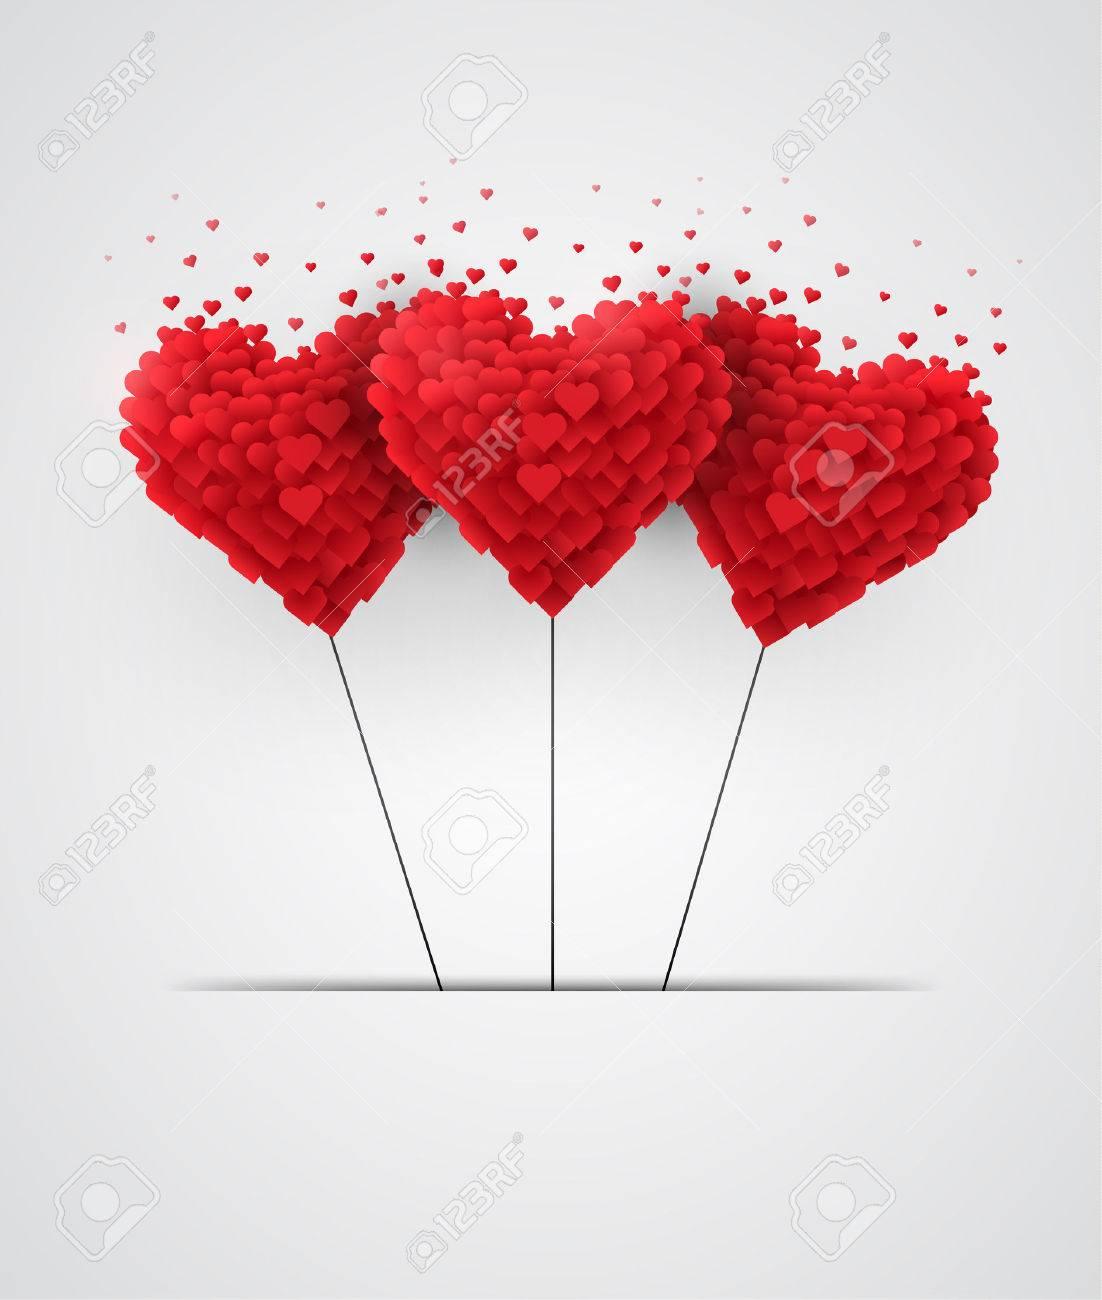 Valentinstag Herz Luftballons Auf Weissem Hintergrund Lizenzfrei